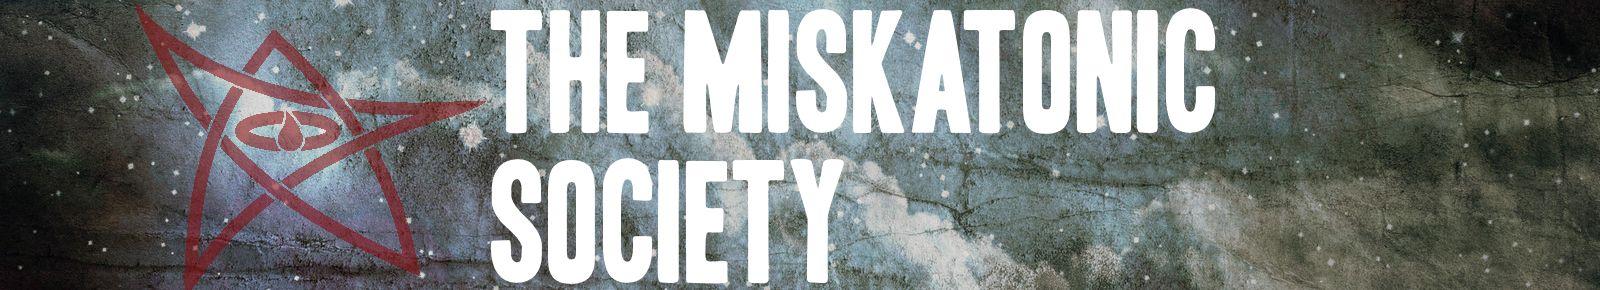 Miskatonic banner3